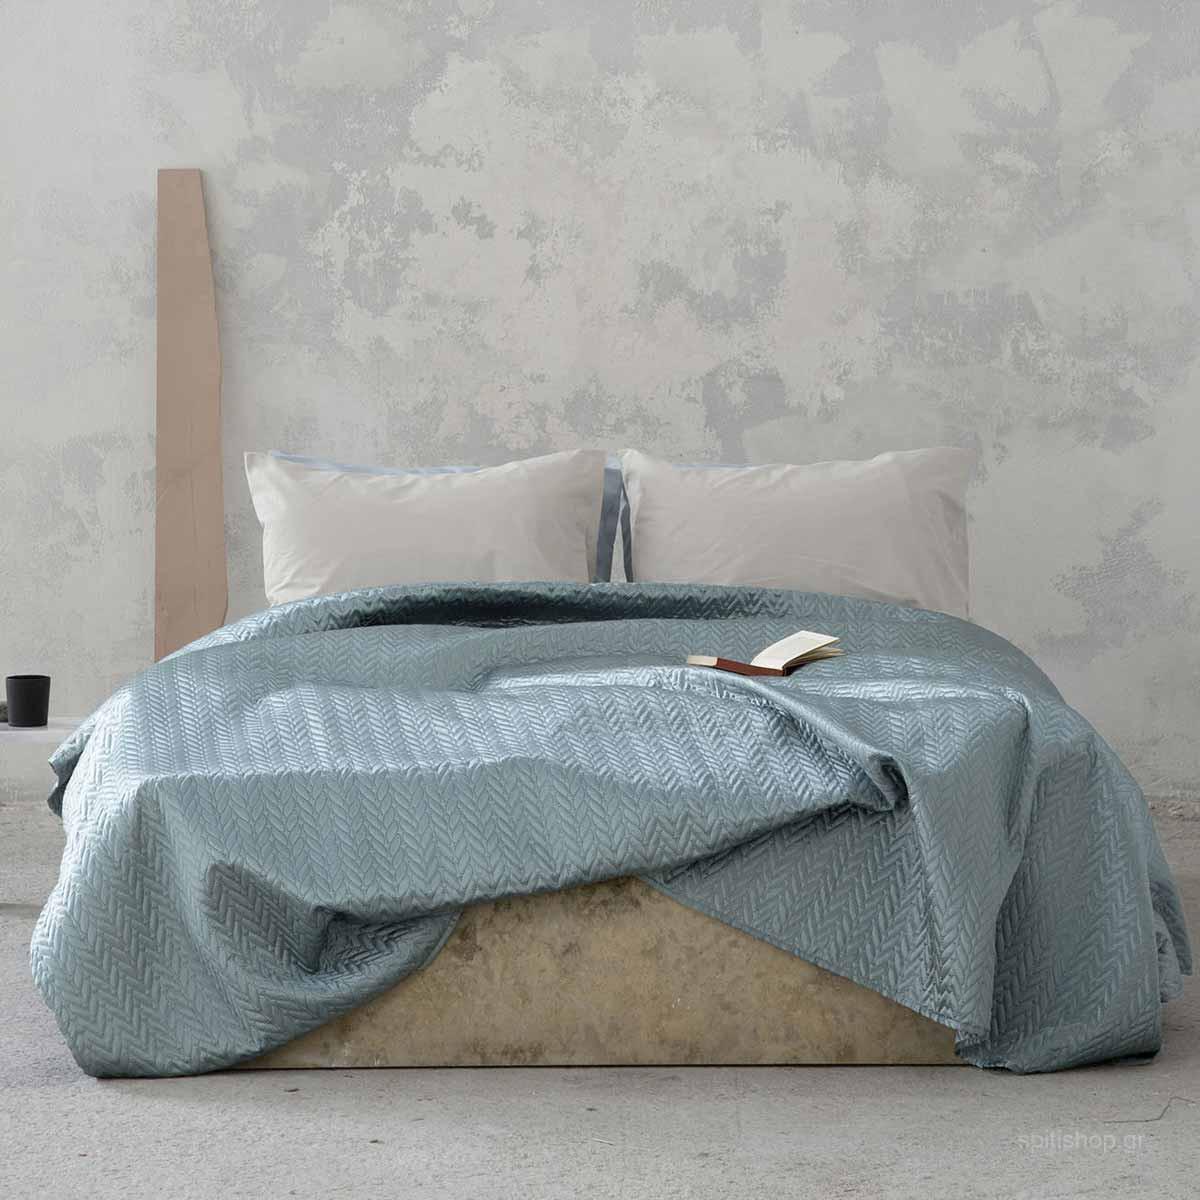 Κουβερλί Μονό Nima Layers Helix home   κρεβατοκάμαρα   κουβερλί   κουβερλί μονά